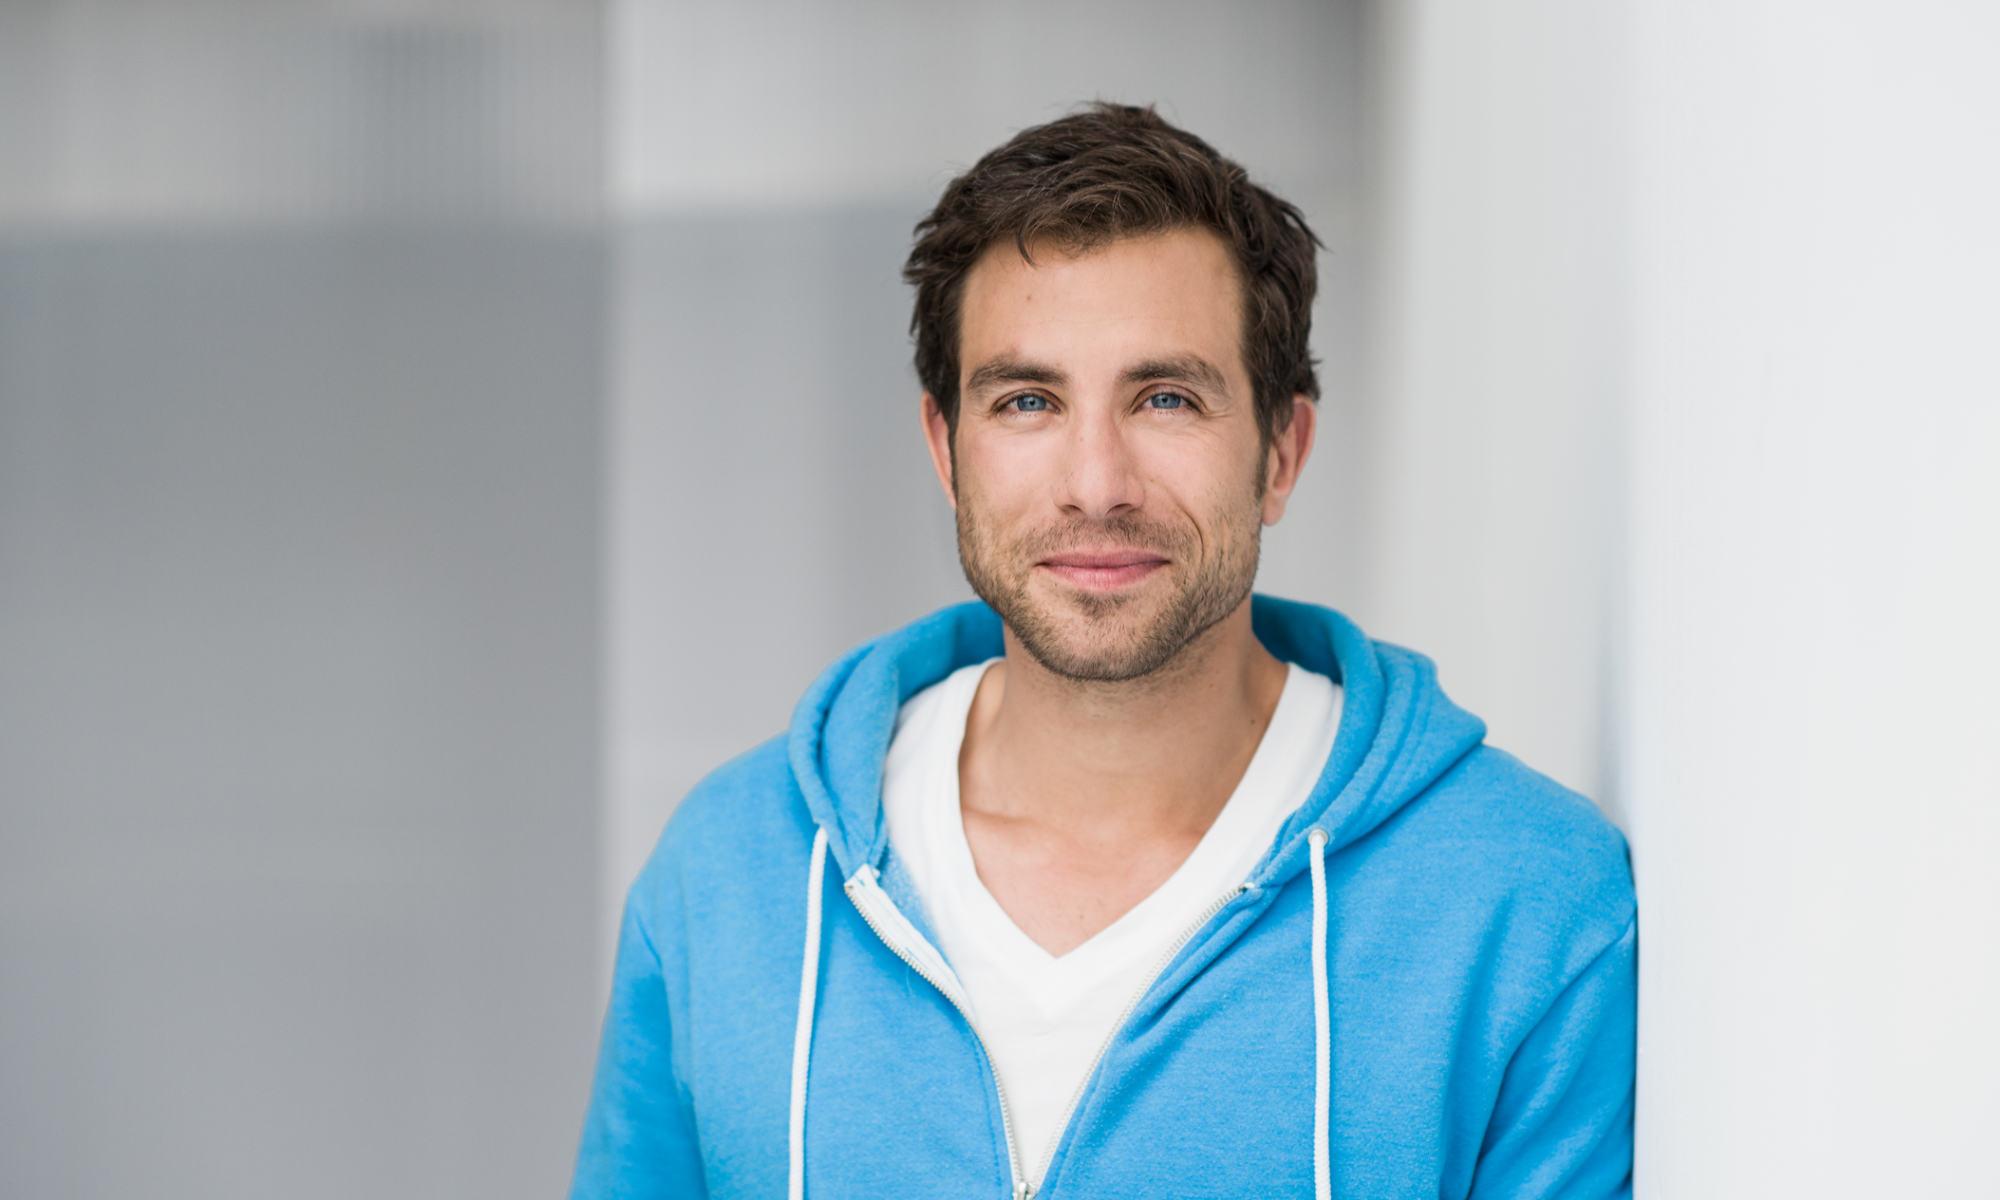 Andreas Jancke